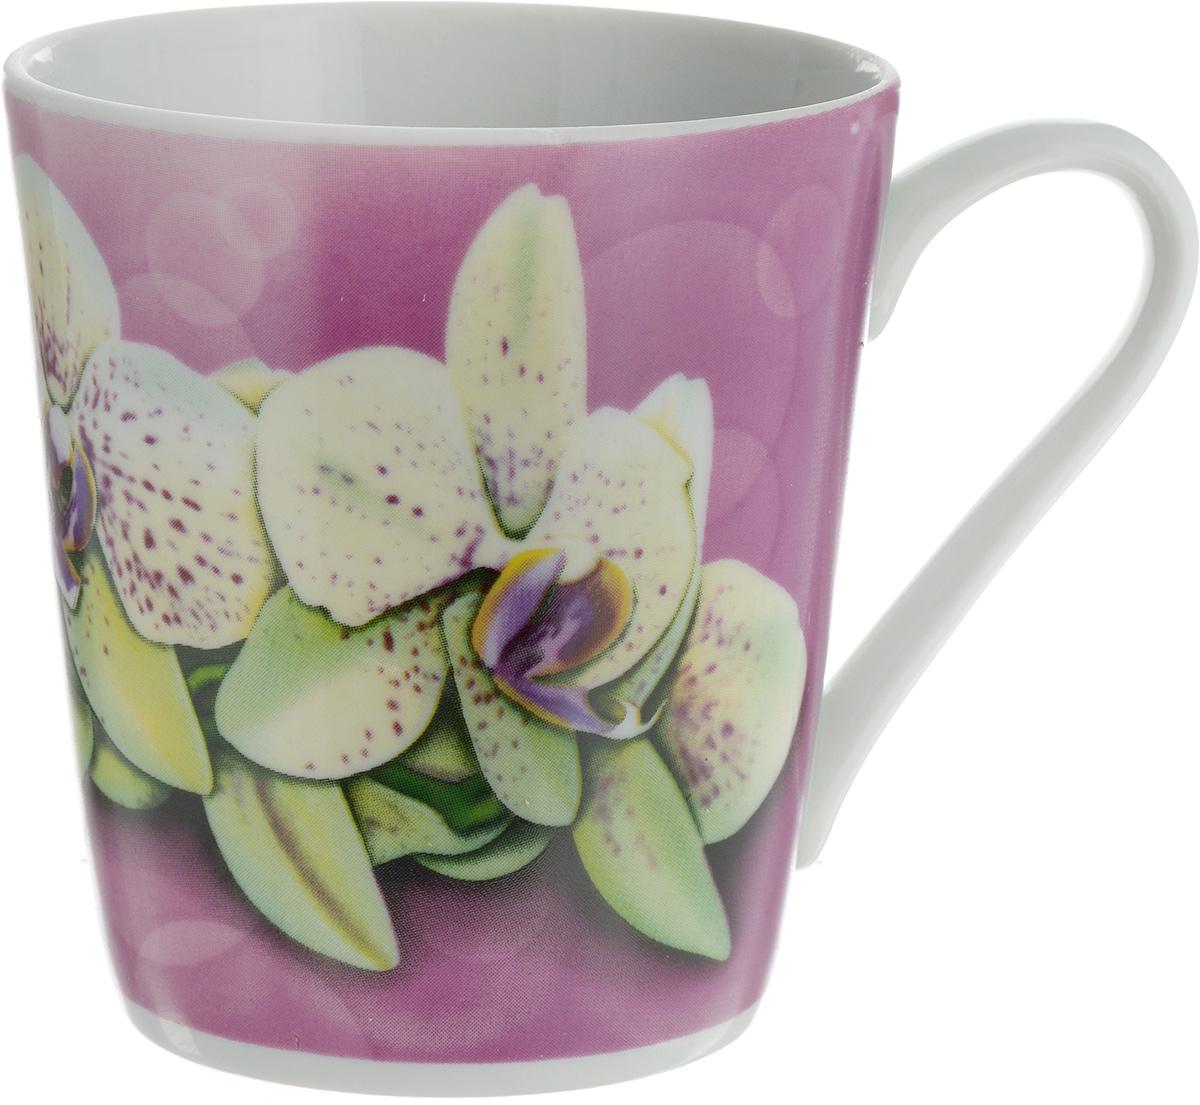 Кружка Классик. Орхидея, цвет: сиреневый, белый, 300 мл115510Кружка Классик. Орхидея изготовлена из высококачественного фарфора. Изделие оформлено красочным рисунком и покрыто превосходной сверкающей глазурью. Изысканная кружка прекрасно оформит стол к чаепитию и станет его неизменным атрибутом.Диаметр кружки (по верхнему краю): 8,5 см.Высота кружки: 9,5 см.